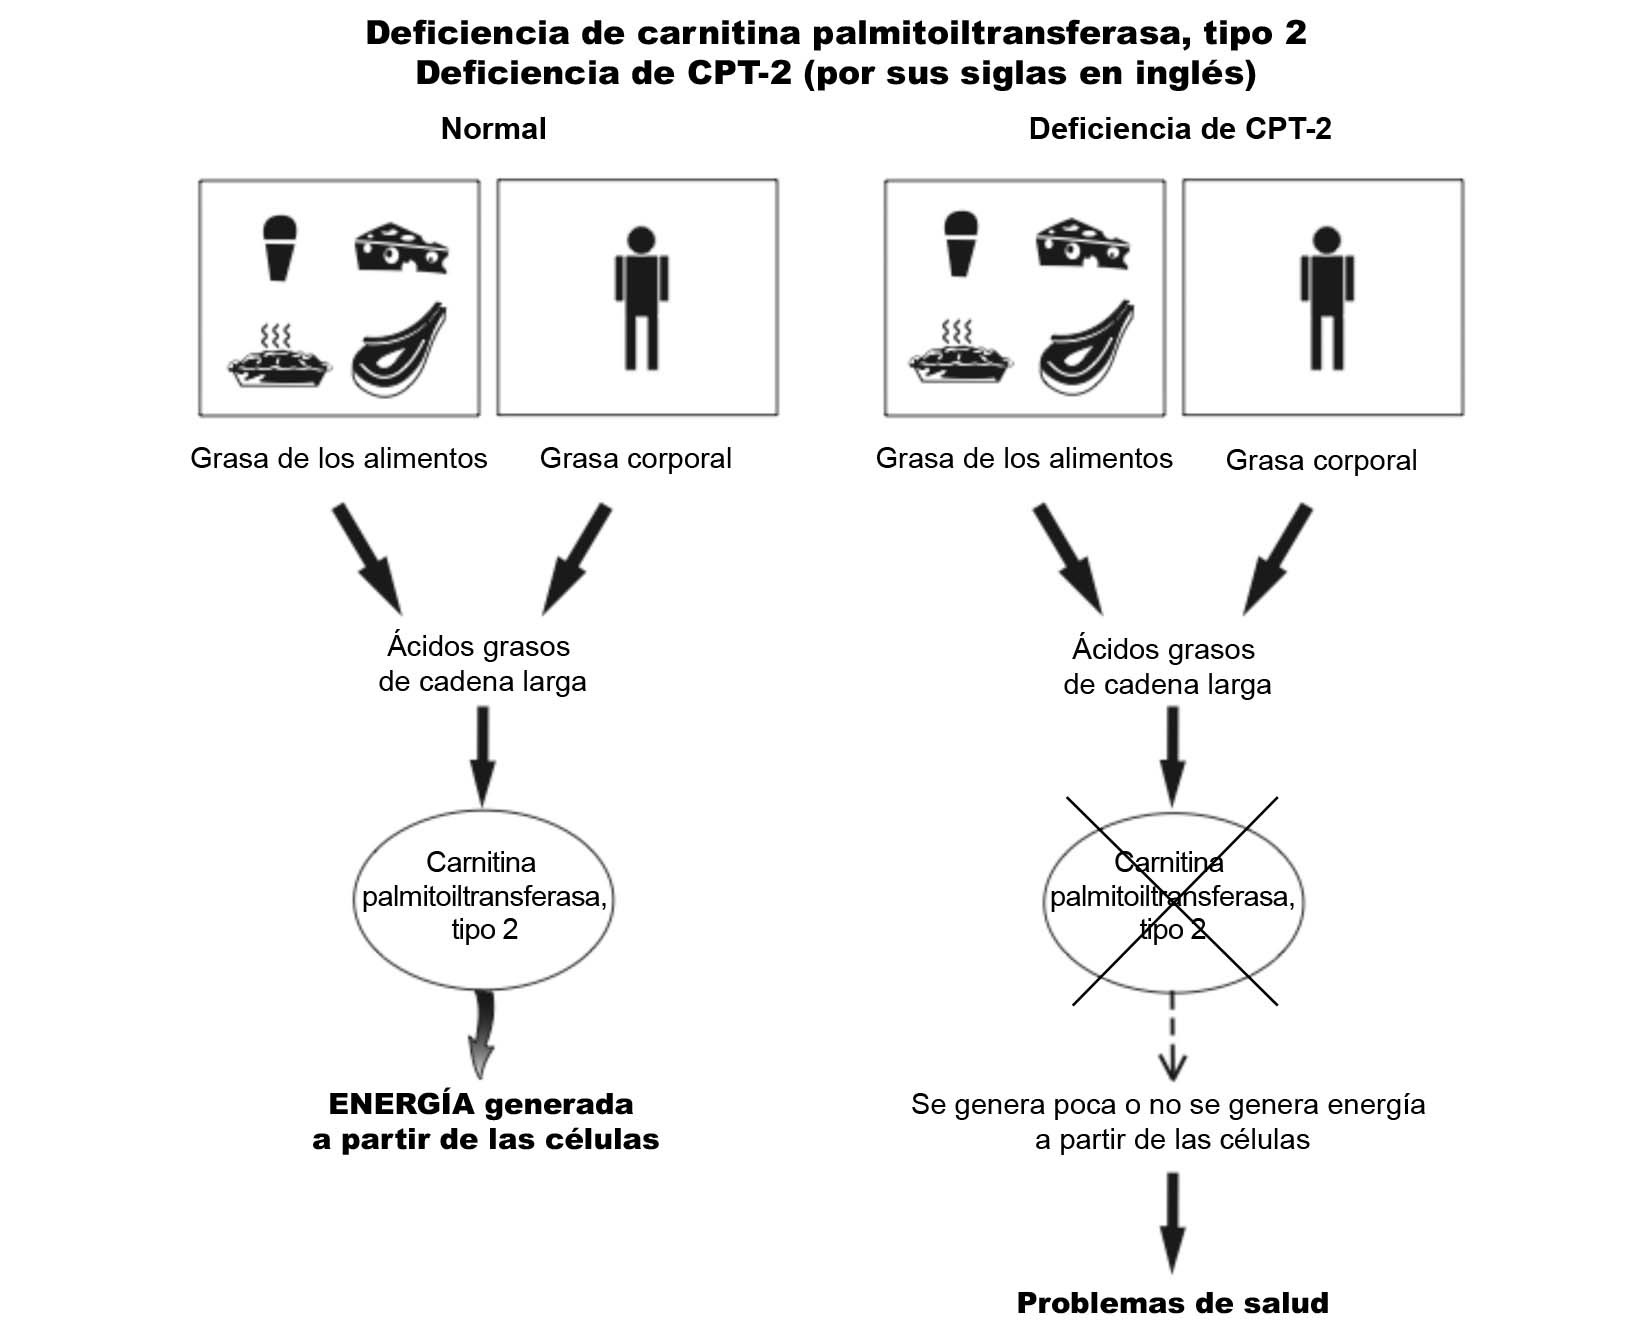 CPT-2 Diagram